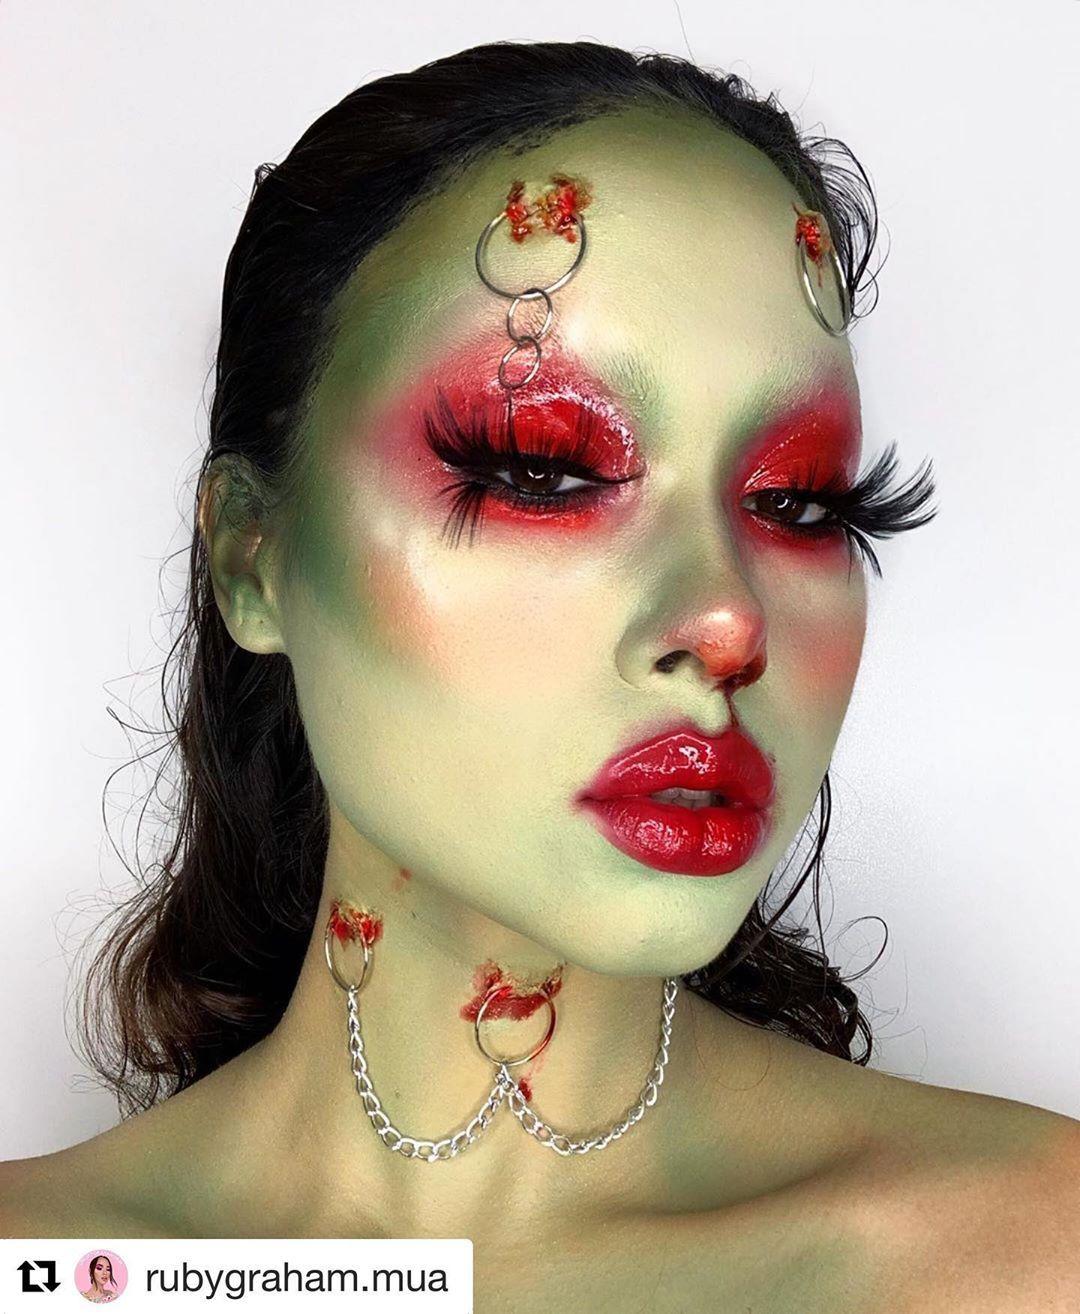 30 Best Halloween Makeup Ideas on Instagram in 2019 Cool